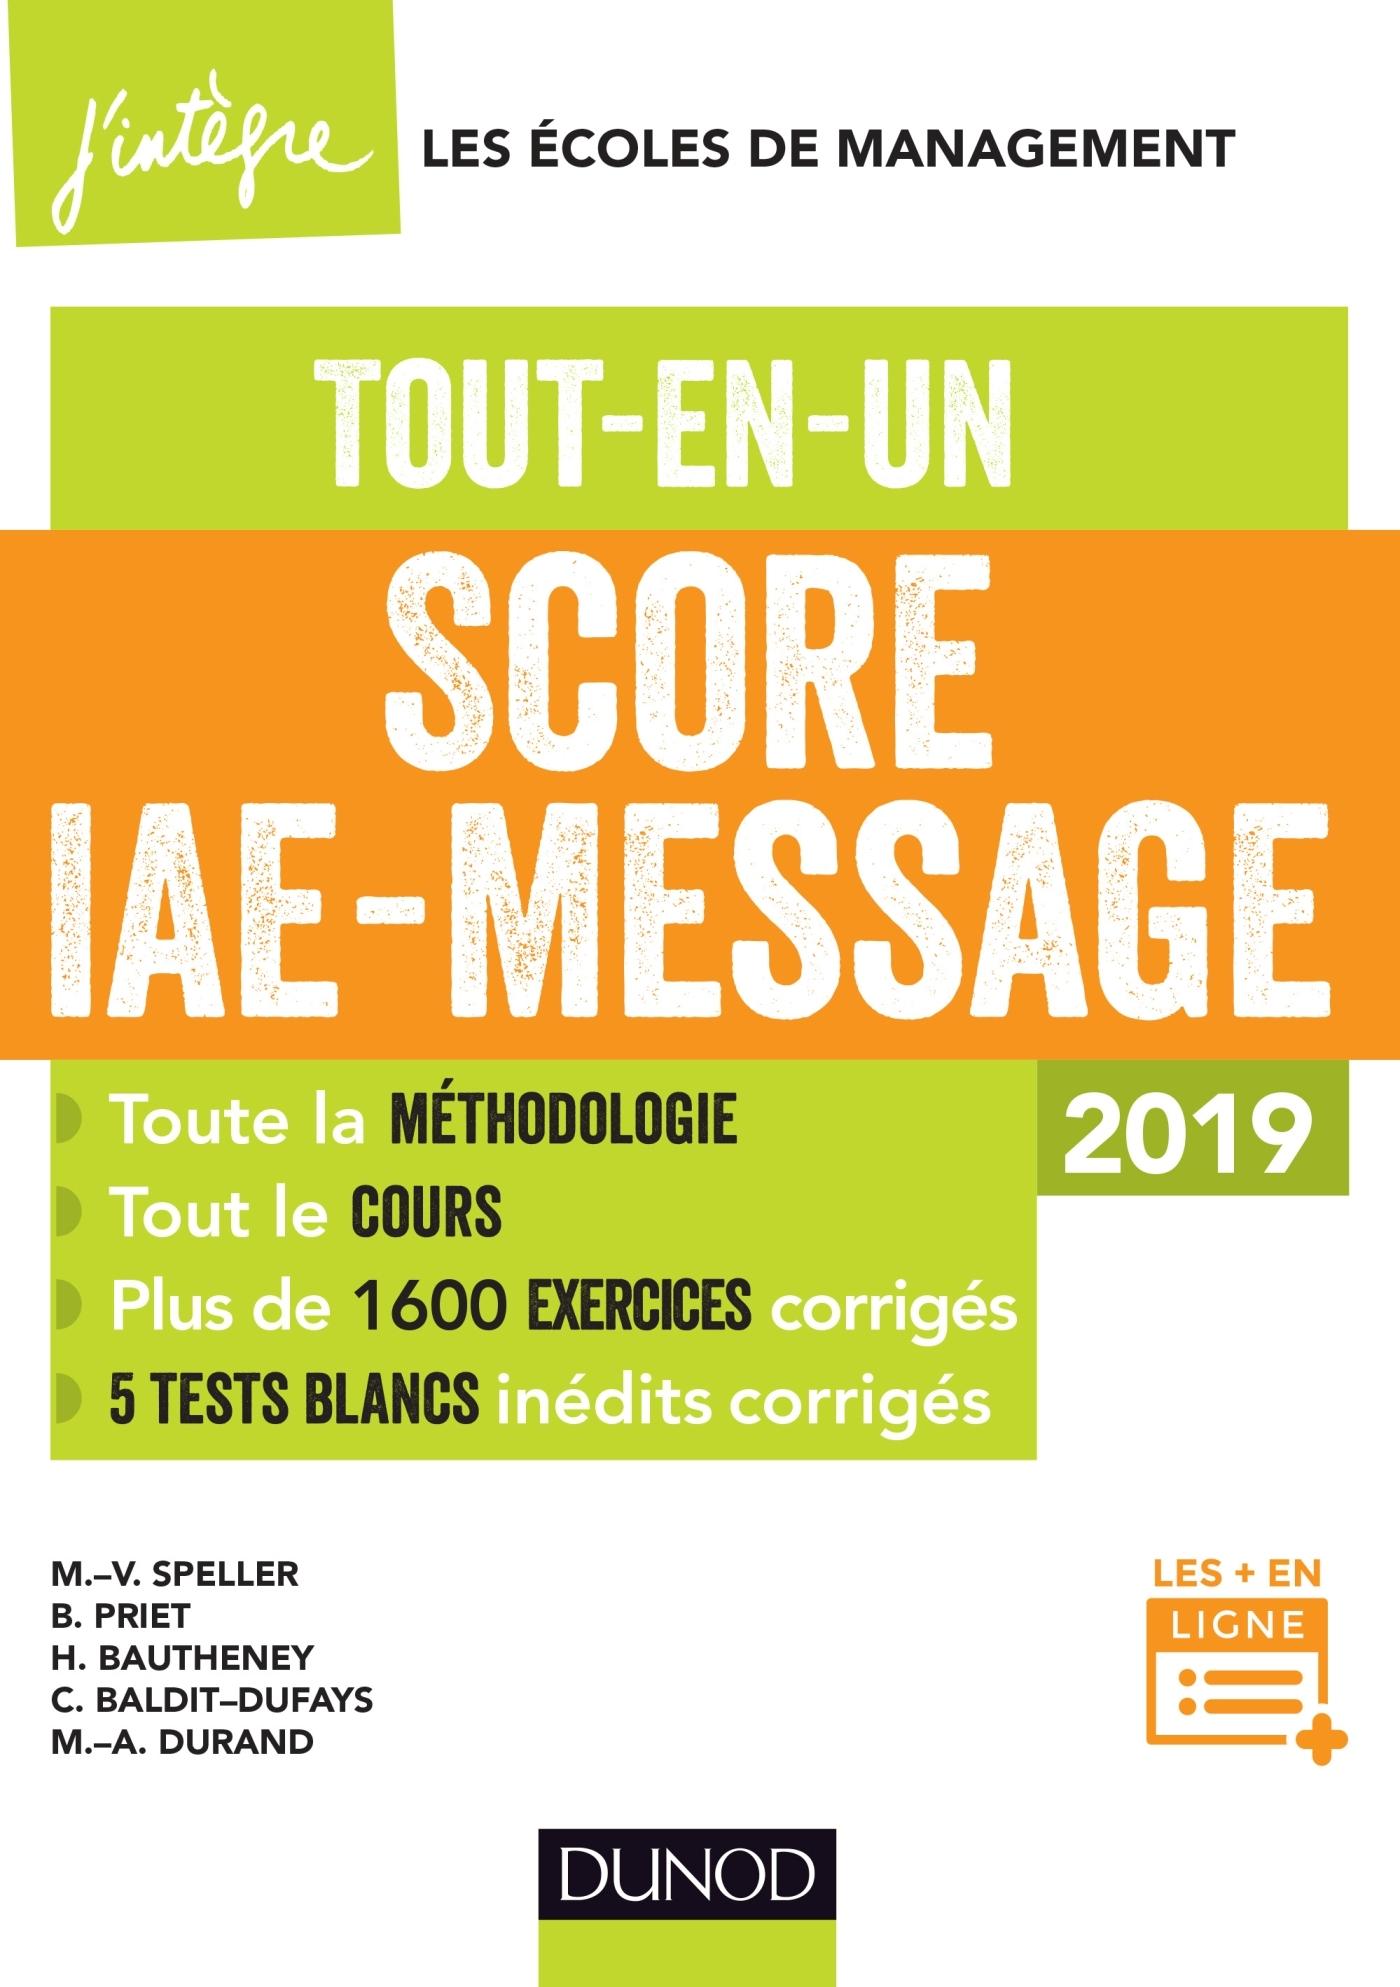 SCORE IAE MESSAGE - T1 - SCORE IAE-MESSAGE - 2019 - TOUT-EN-UN